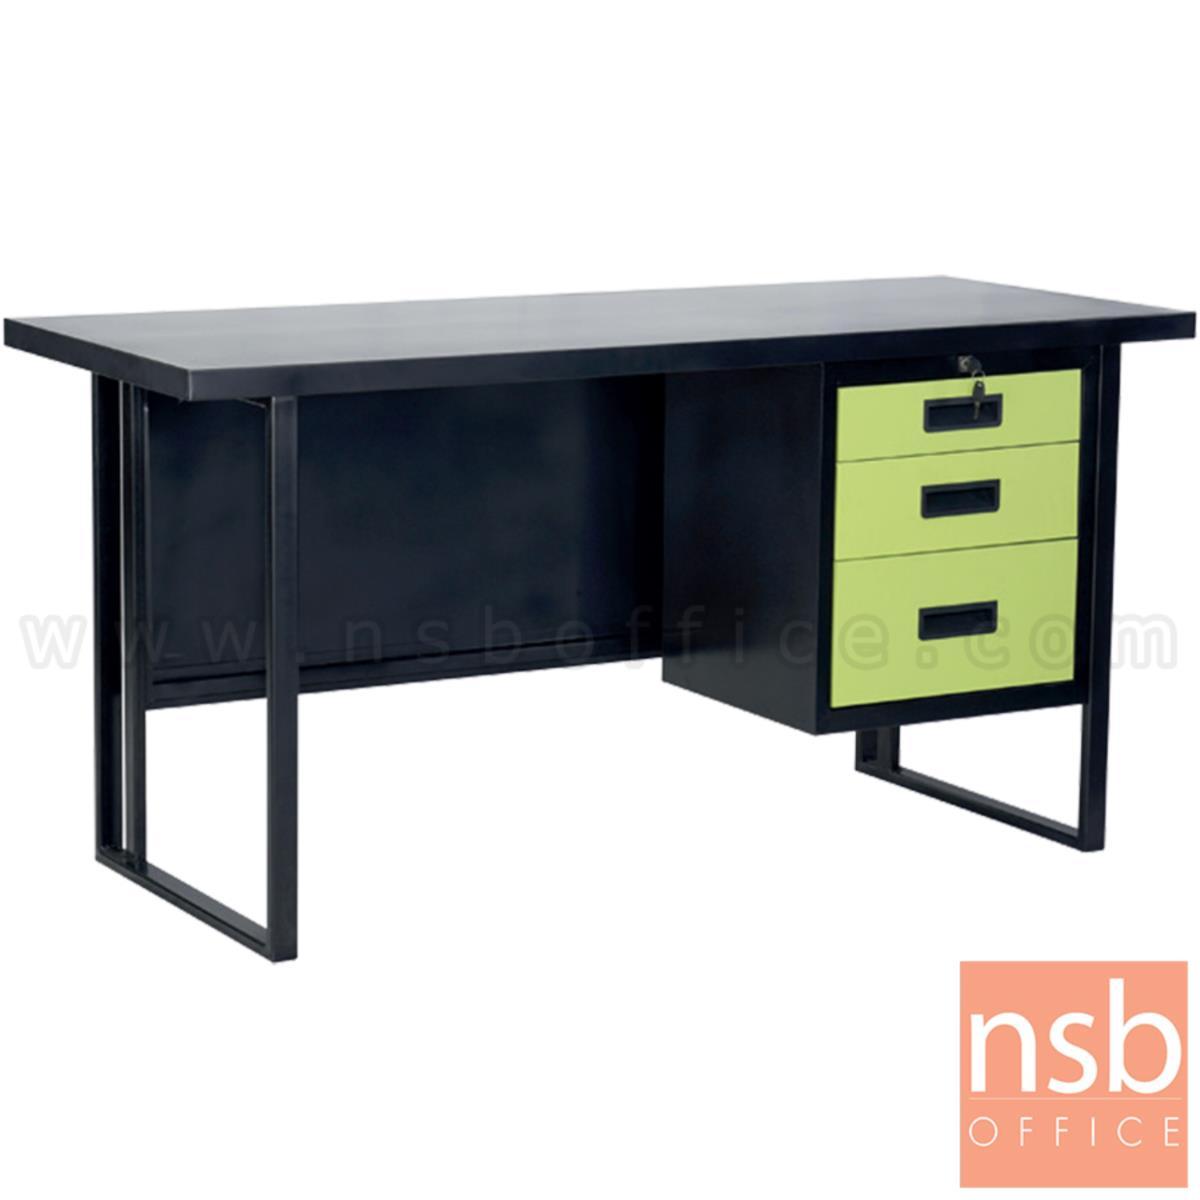 E02A055:โต๊ะทำงานเหล็กหน้าเหล็ก 3 ลิ้นชัก รุ่น Ebonie (อีบอนี่) ขนาด 120W, 150W cm.